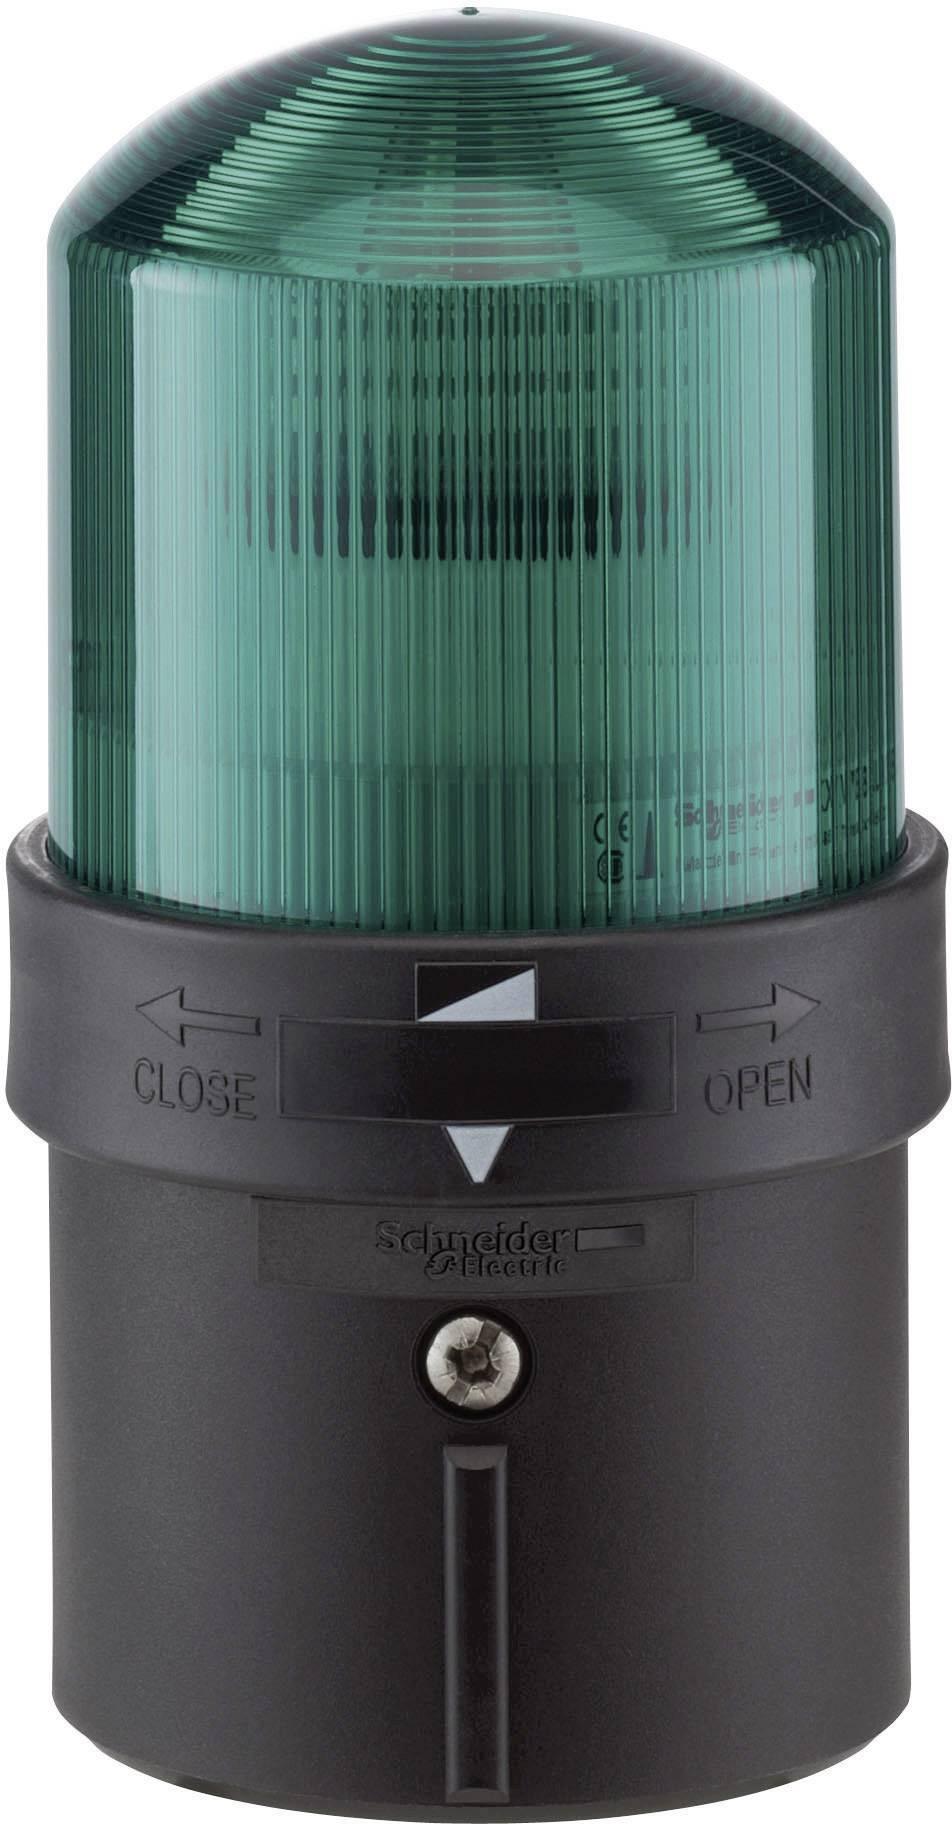 Signální osvětlení LED Schneider Electric 0063025 zelená, trvalé světlo, 24 V/DC